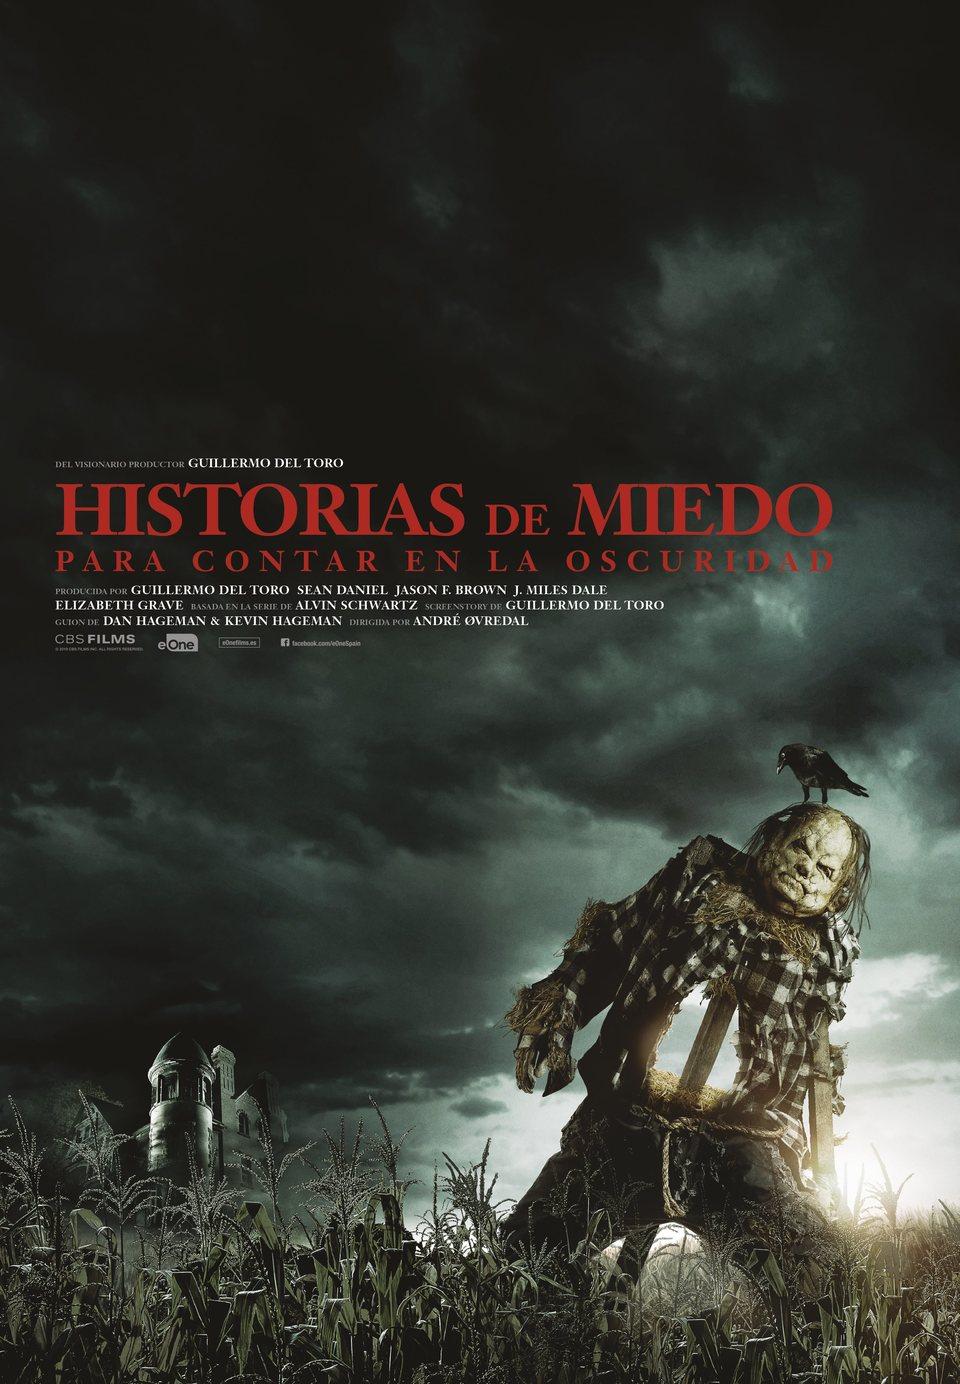 Cartel Póster 'Historias de miedo para contar en la oscuridad' de 'Historias de miedo para contar en la oscuridad'